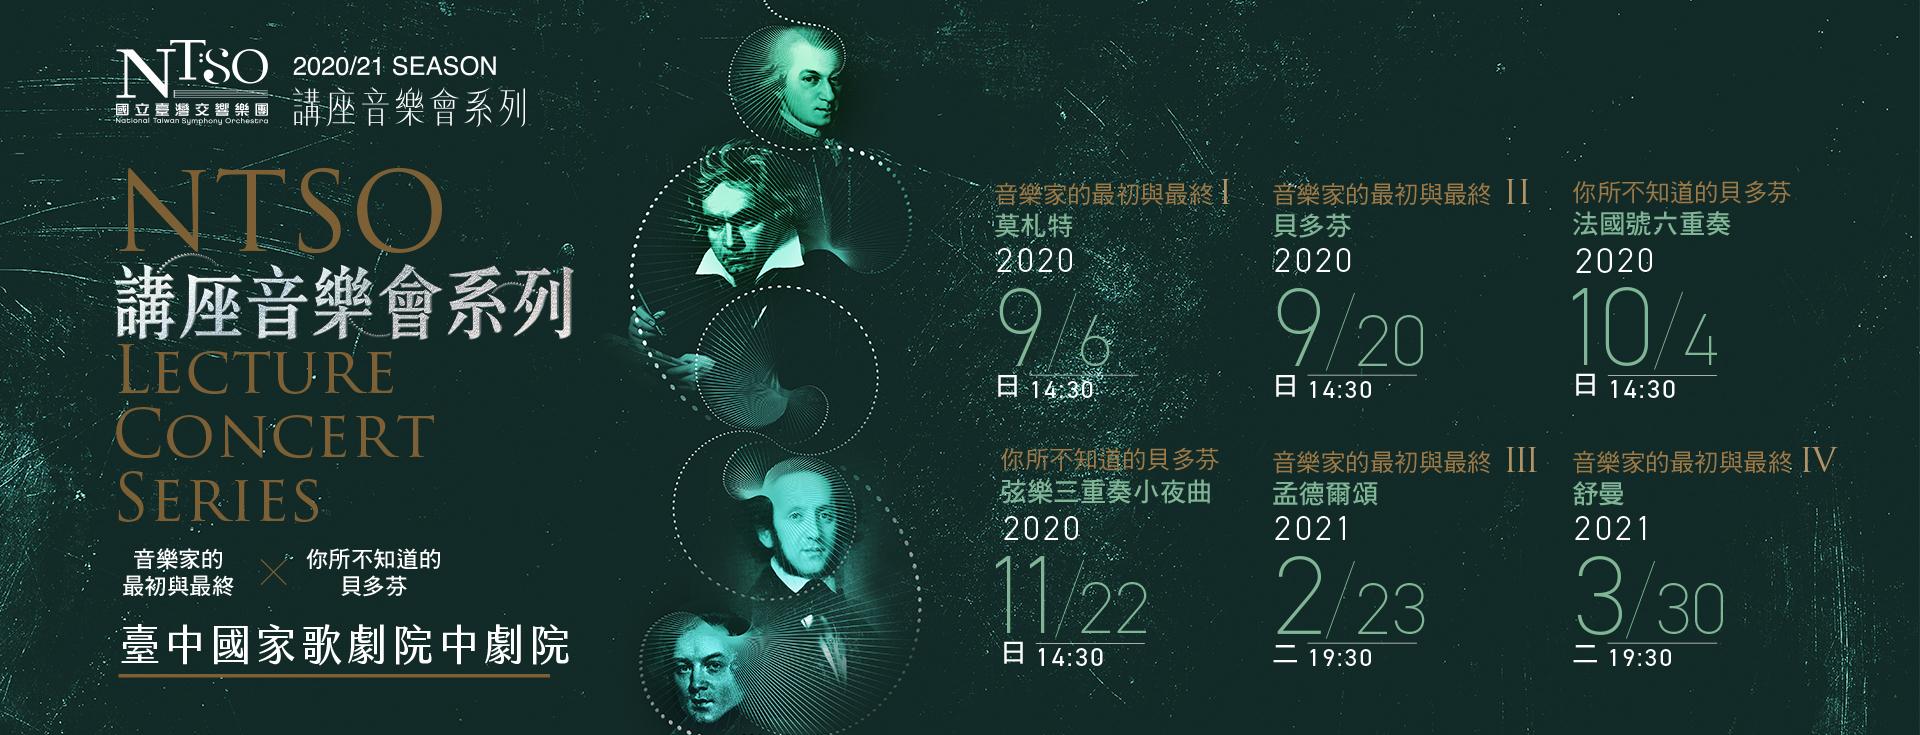 2020/21 講座音樂會系列